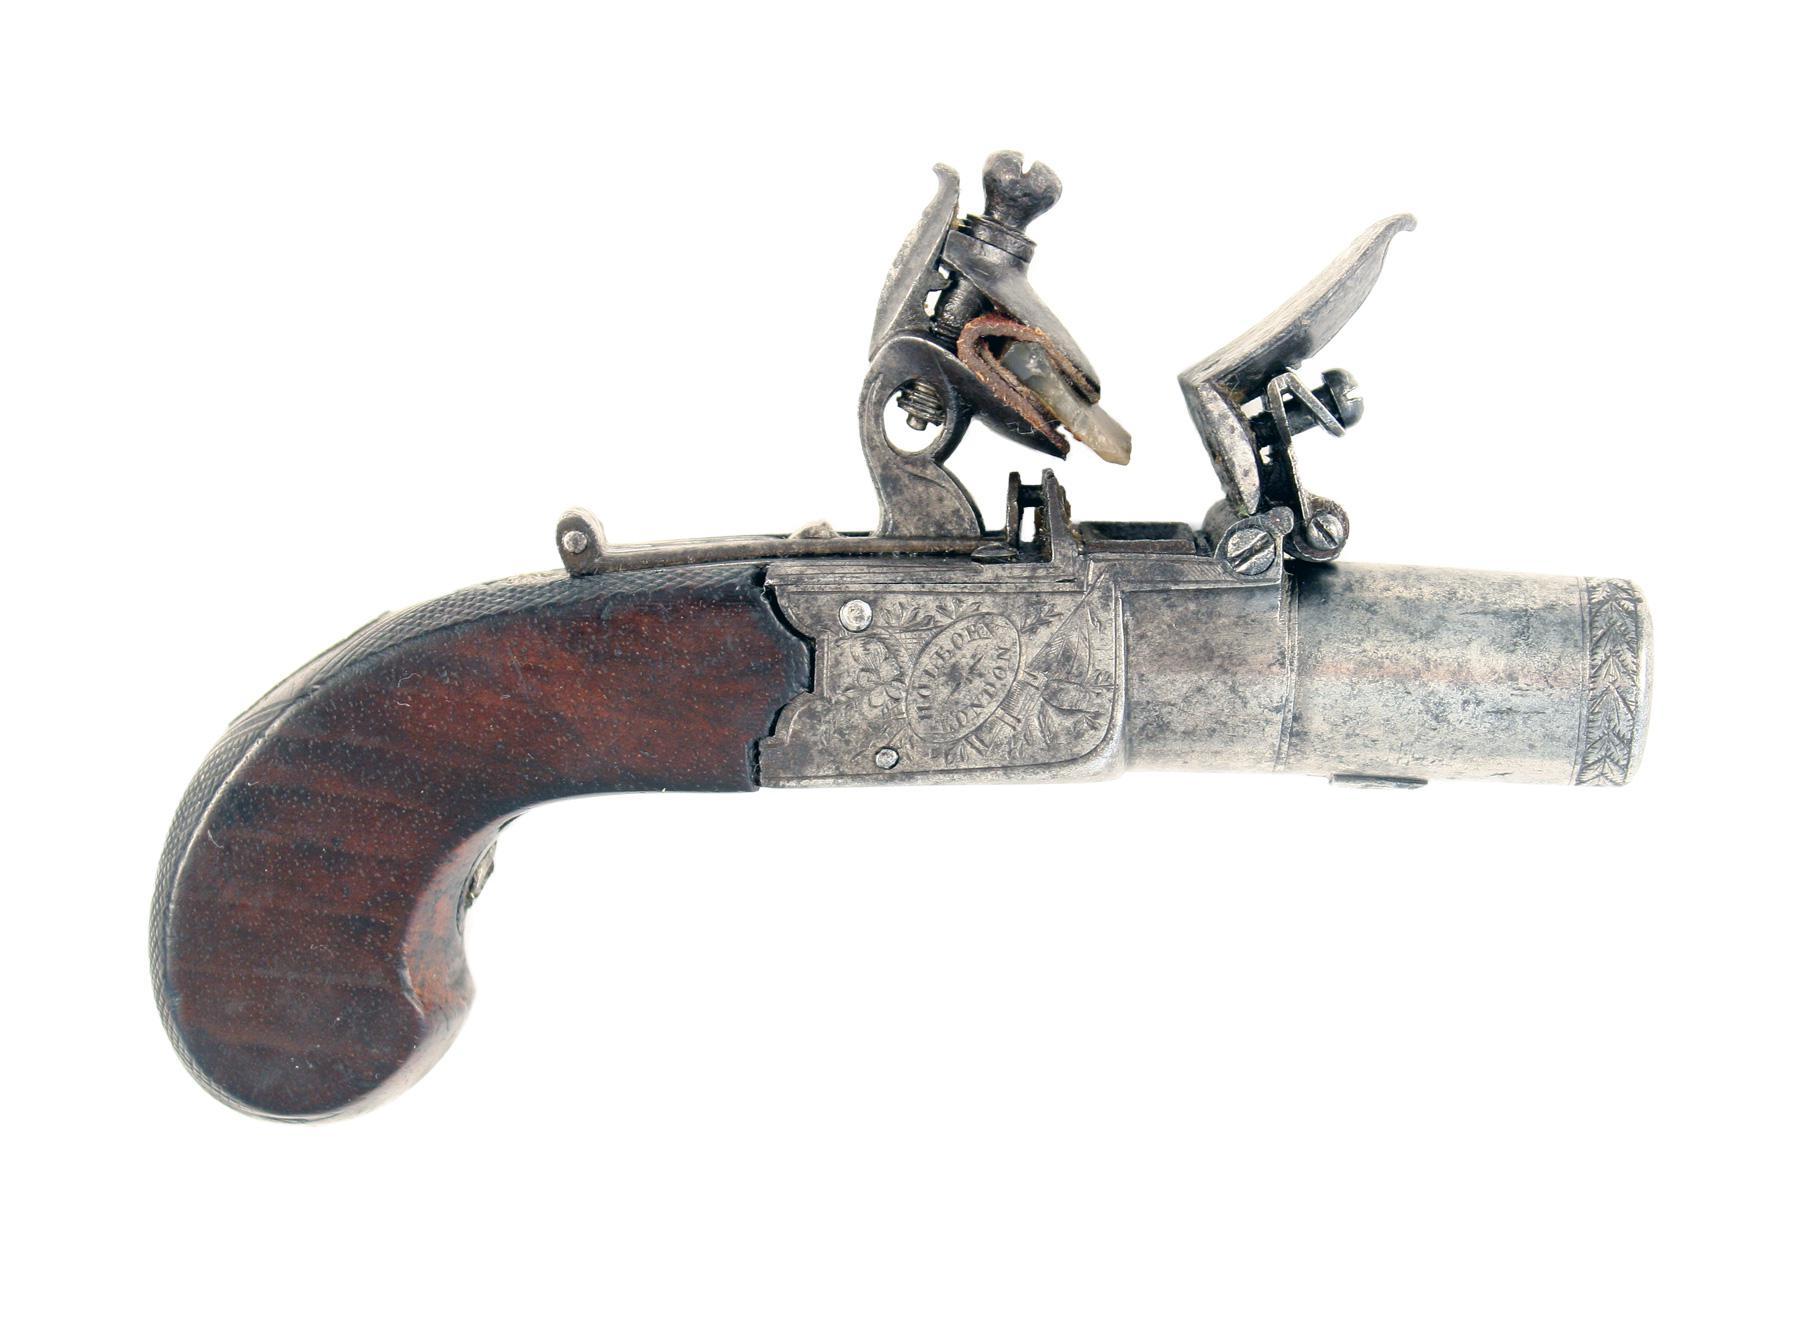 A Small Flintlock Pocket Pistol by Parker